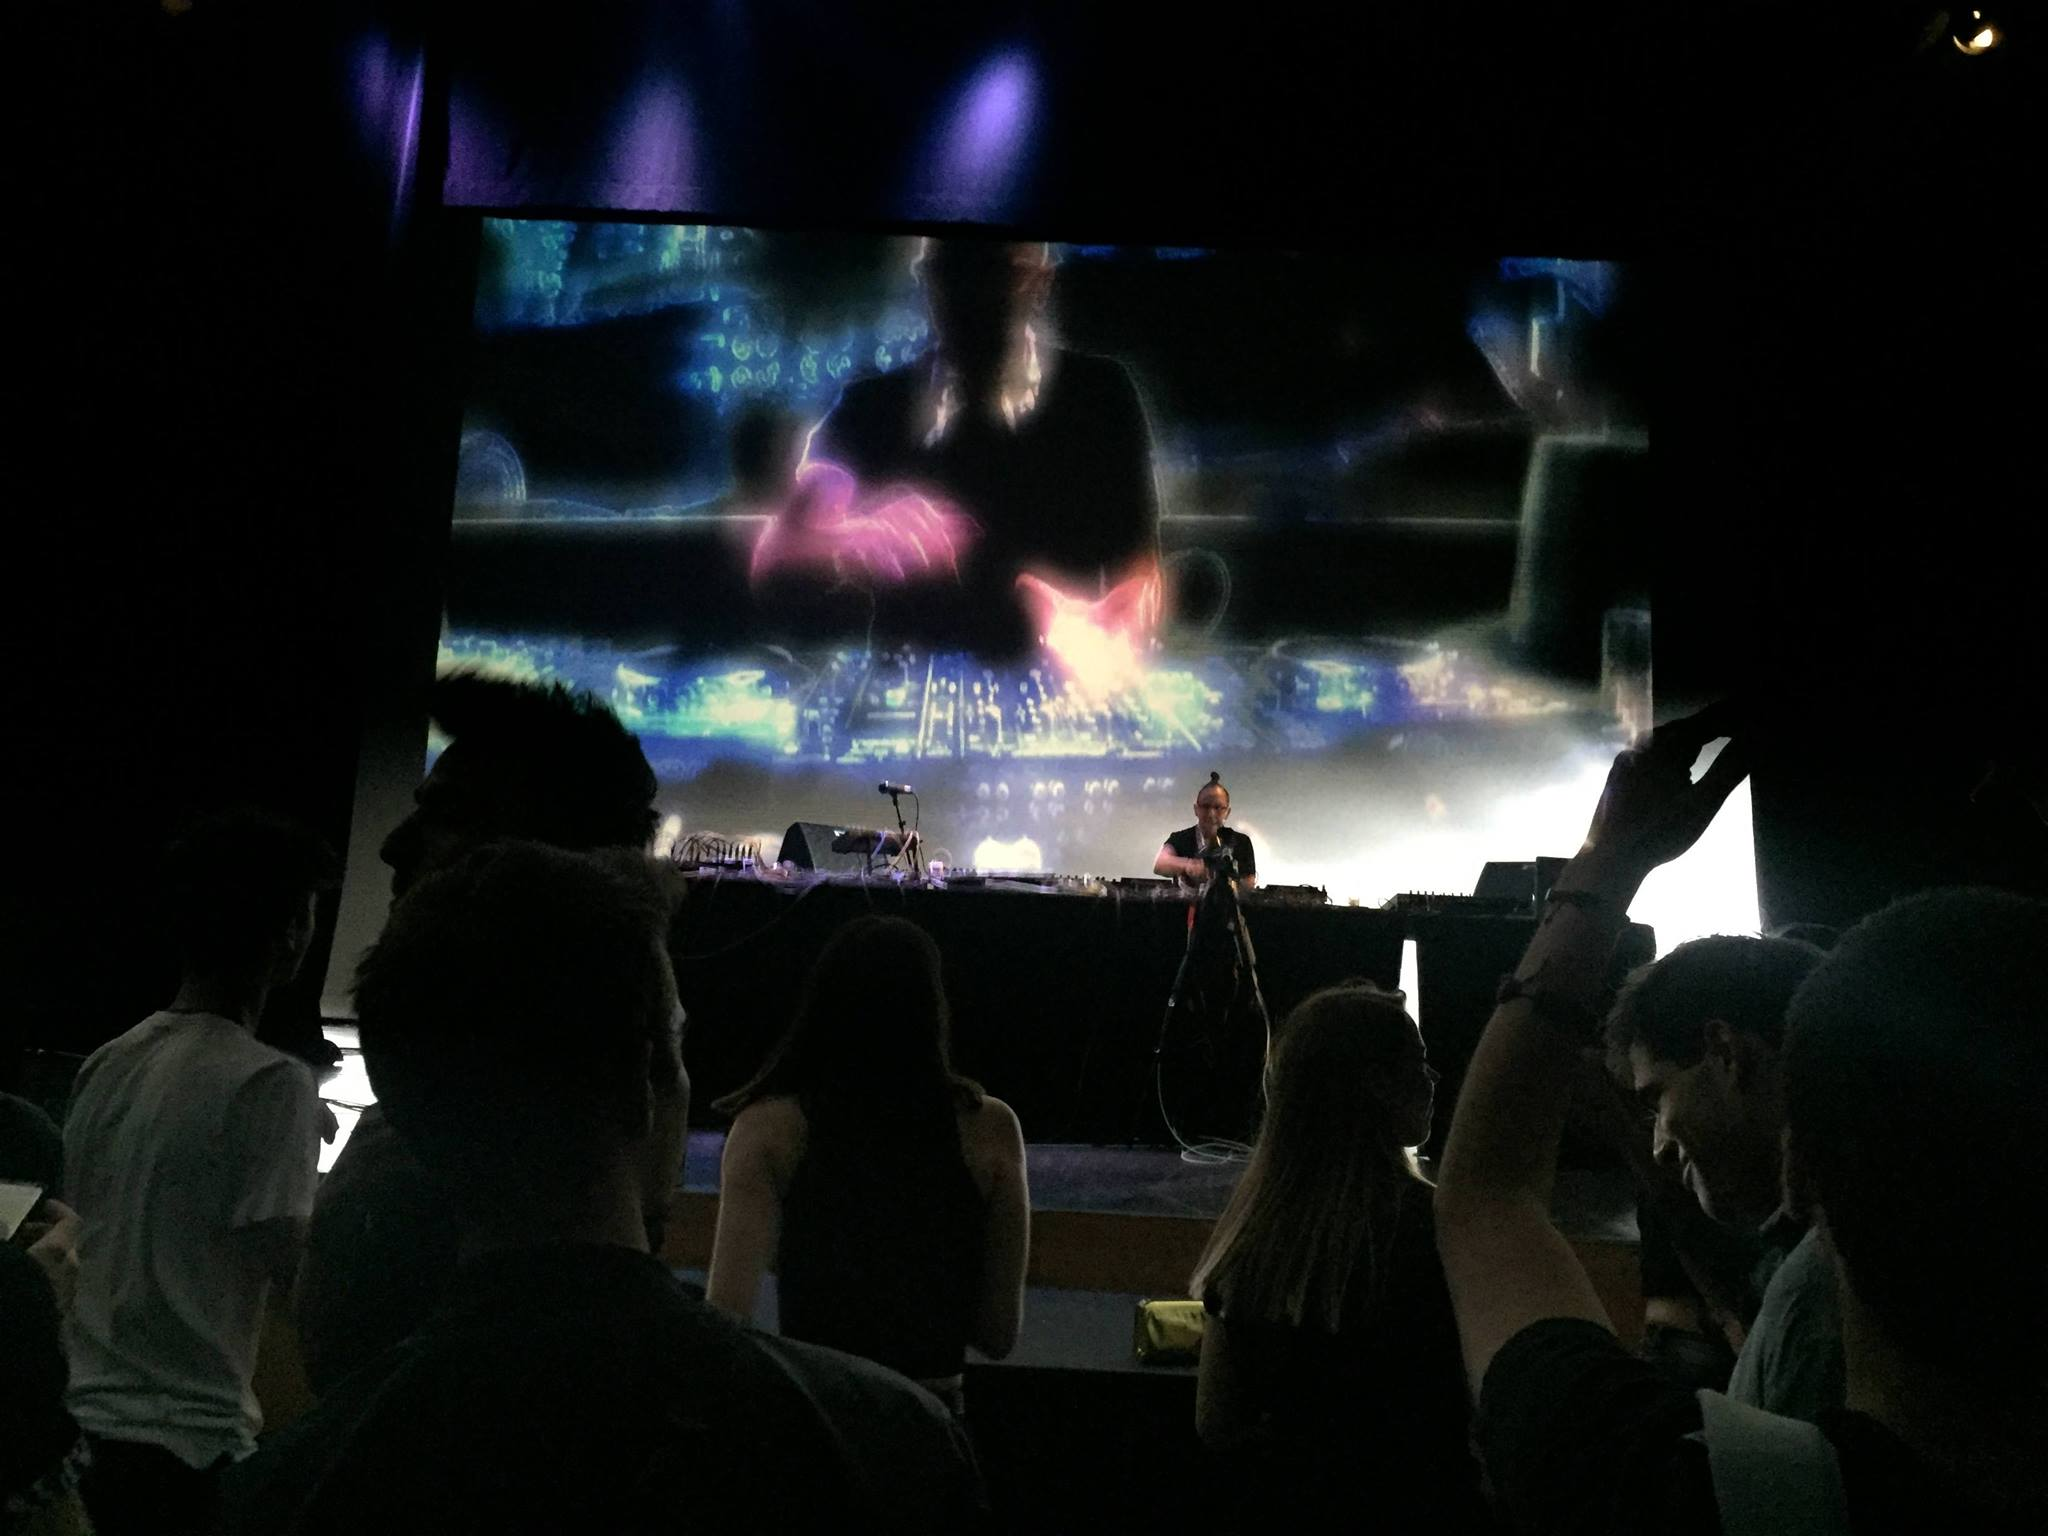 """Τον περασμένο Μάιο, το πάρτυ λήξης τουThe Athens Digital Arts Festival έφερε τους ήχουςτης techno για πρώτη φορά στο Μέγαρο Μουσικής Αθηνών, ανατρέποντας την άποψη περί """"κατάλληλων χώρων"""" για """"συγκεκριμένες μουσικές""""."""